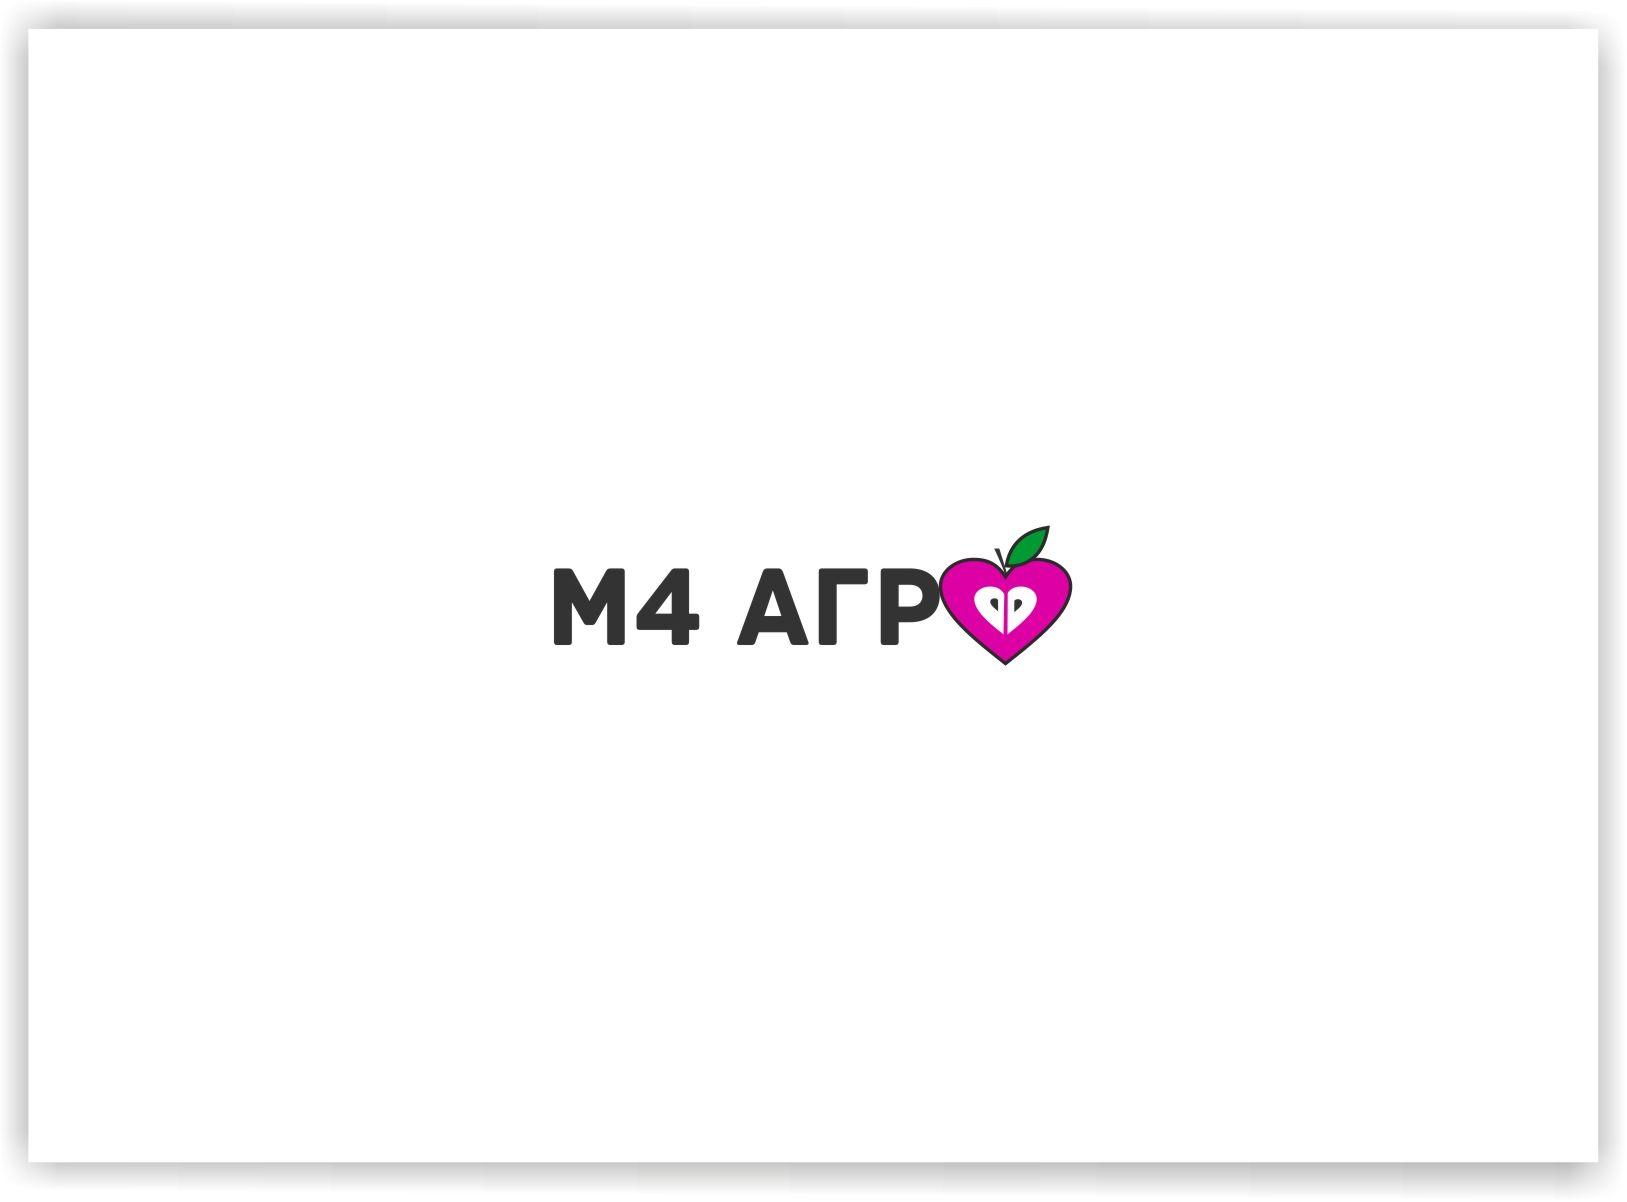 Логотип для M4 АГРО - Российские фрукты - дизайнер malito